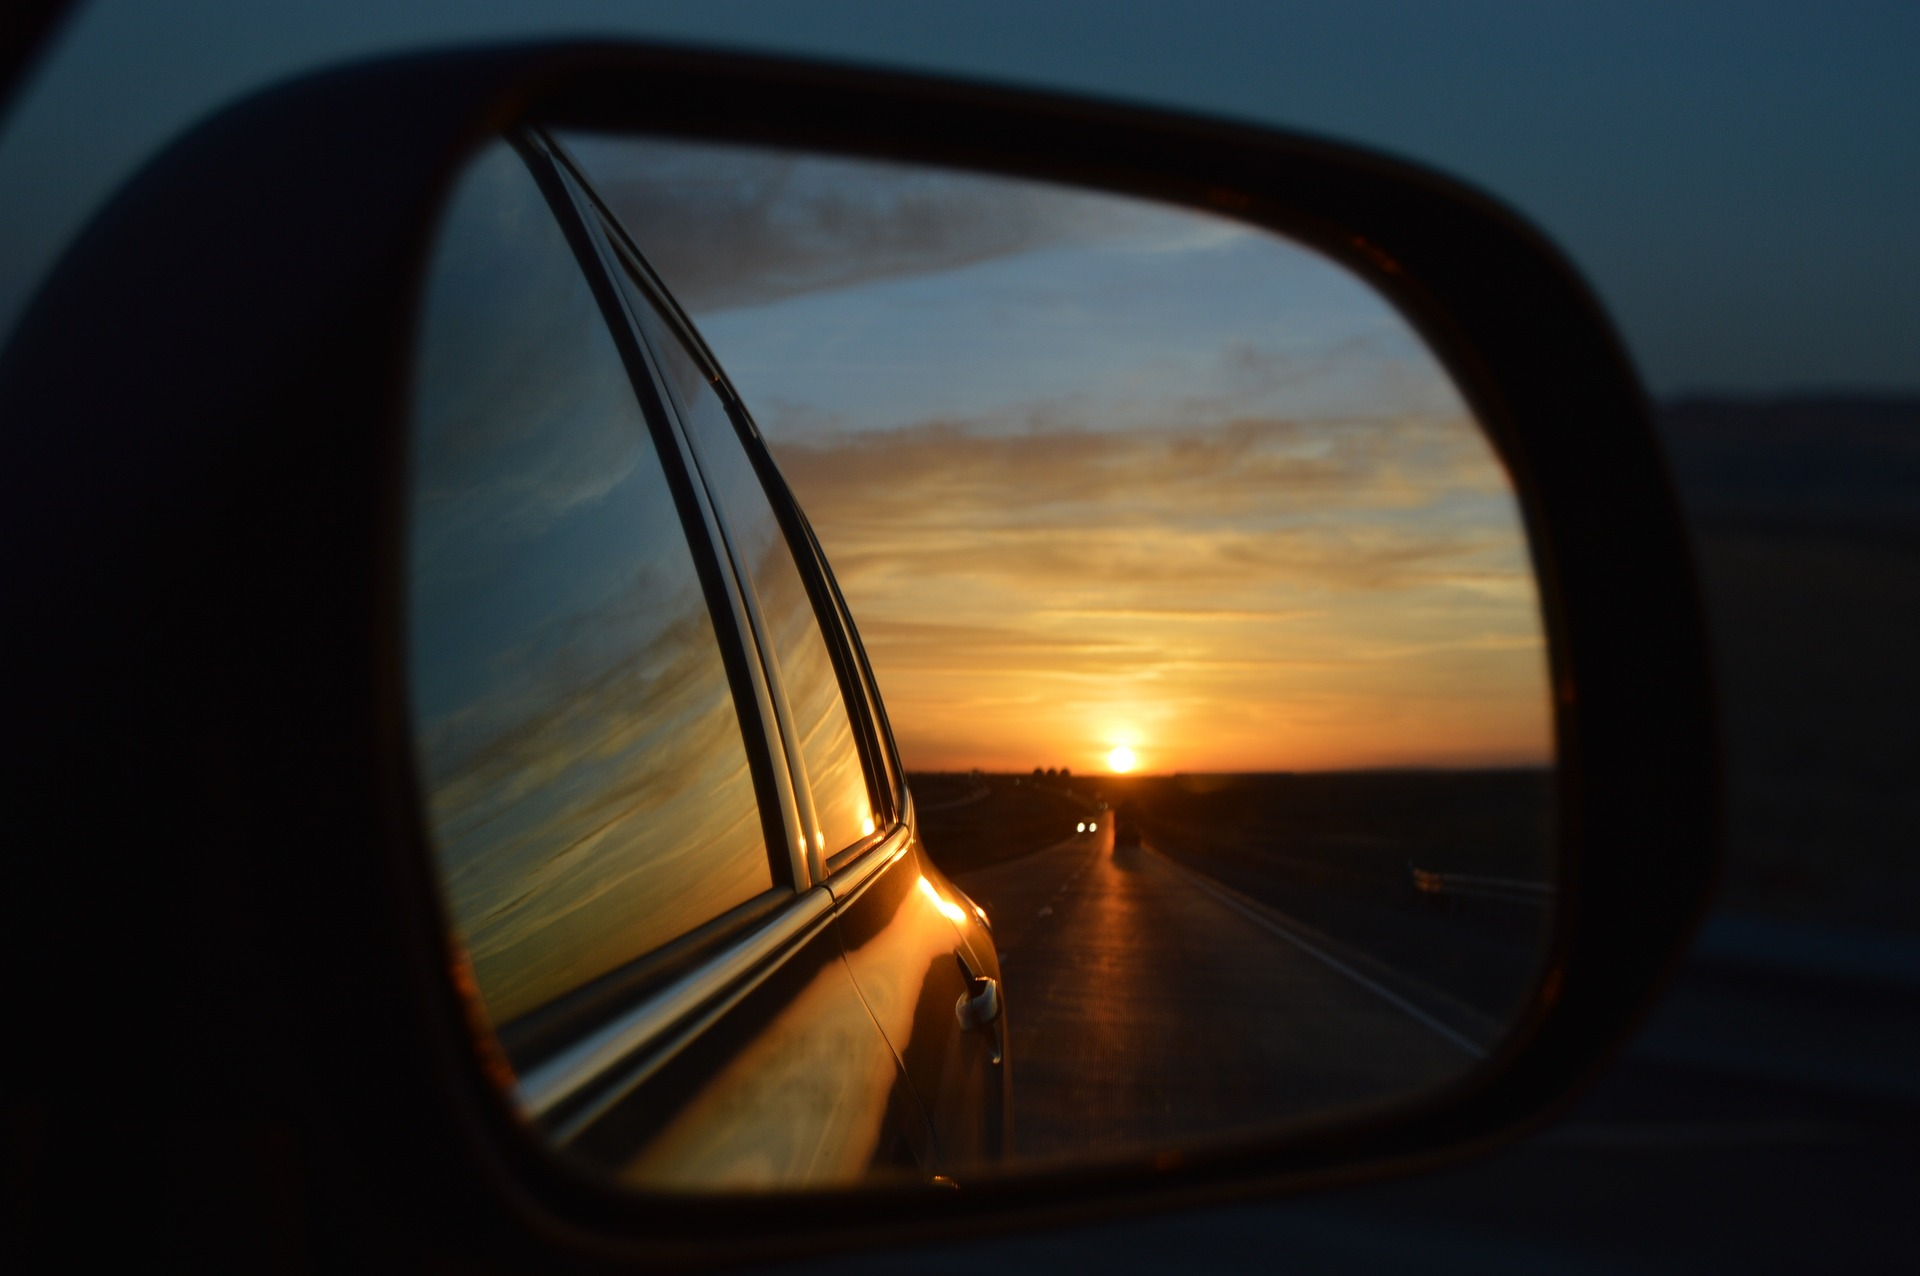 Conduzir ao anoitecer causa mais sonolência nas crianças, sendo ideal para viagens silenciosas e tranquilas.